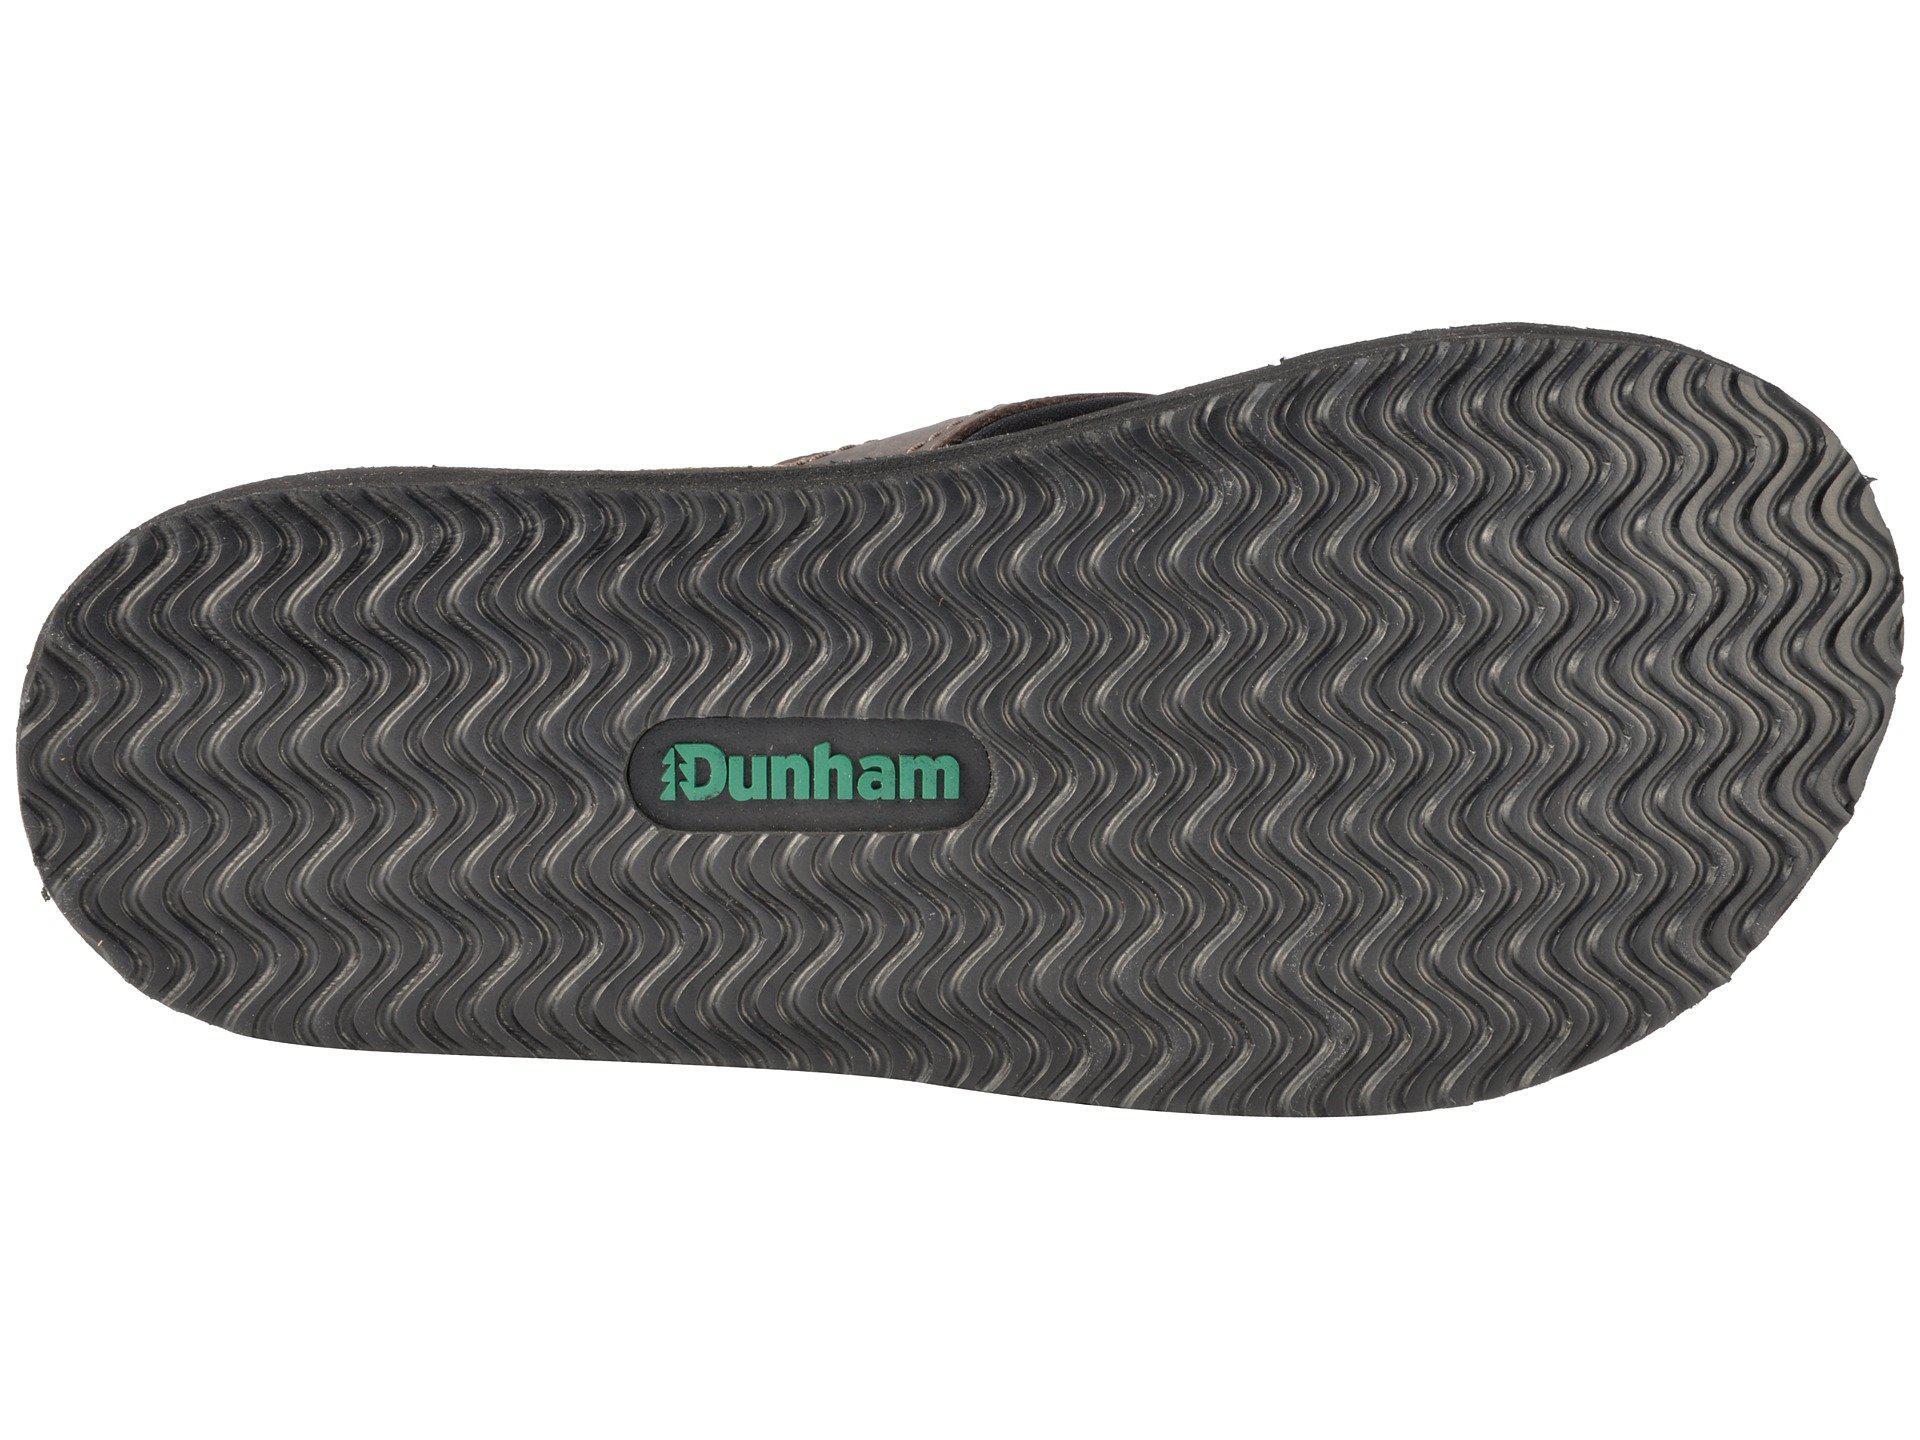 fa59cf1d0e09 Dunham - Carter Flip-flop (brown) Men s Sandals for Men - Lyst. View  fullscreen